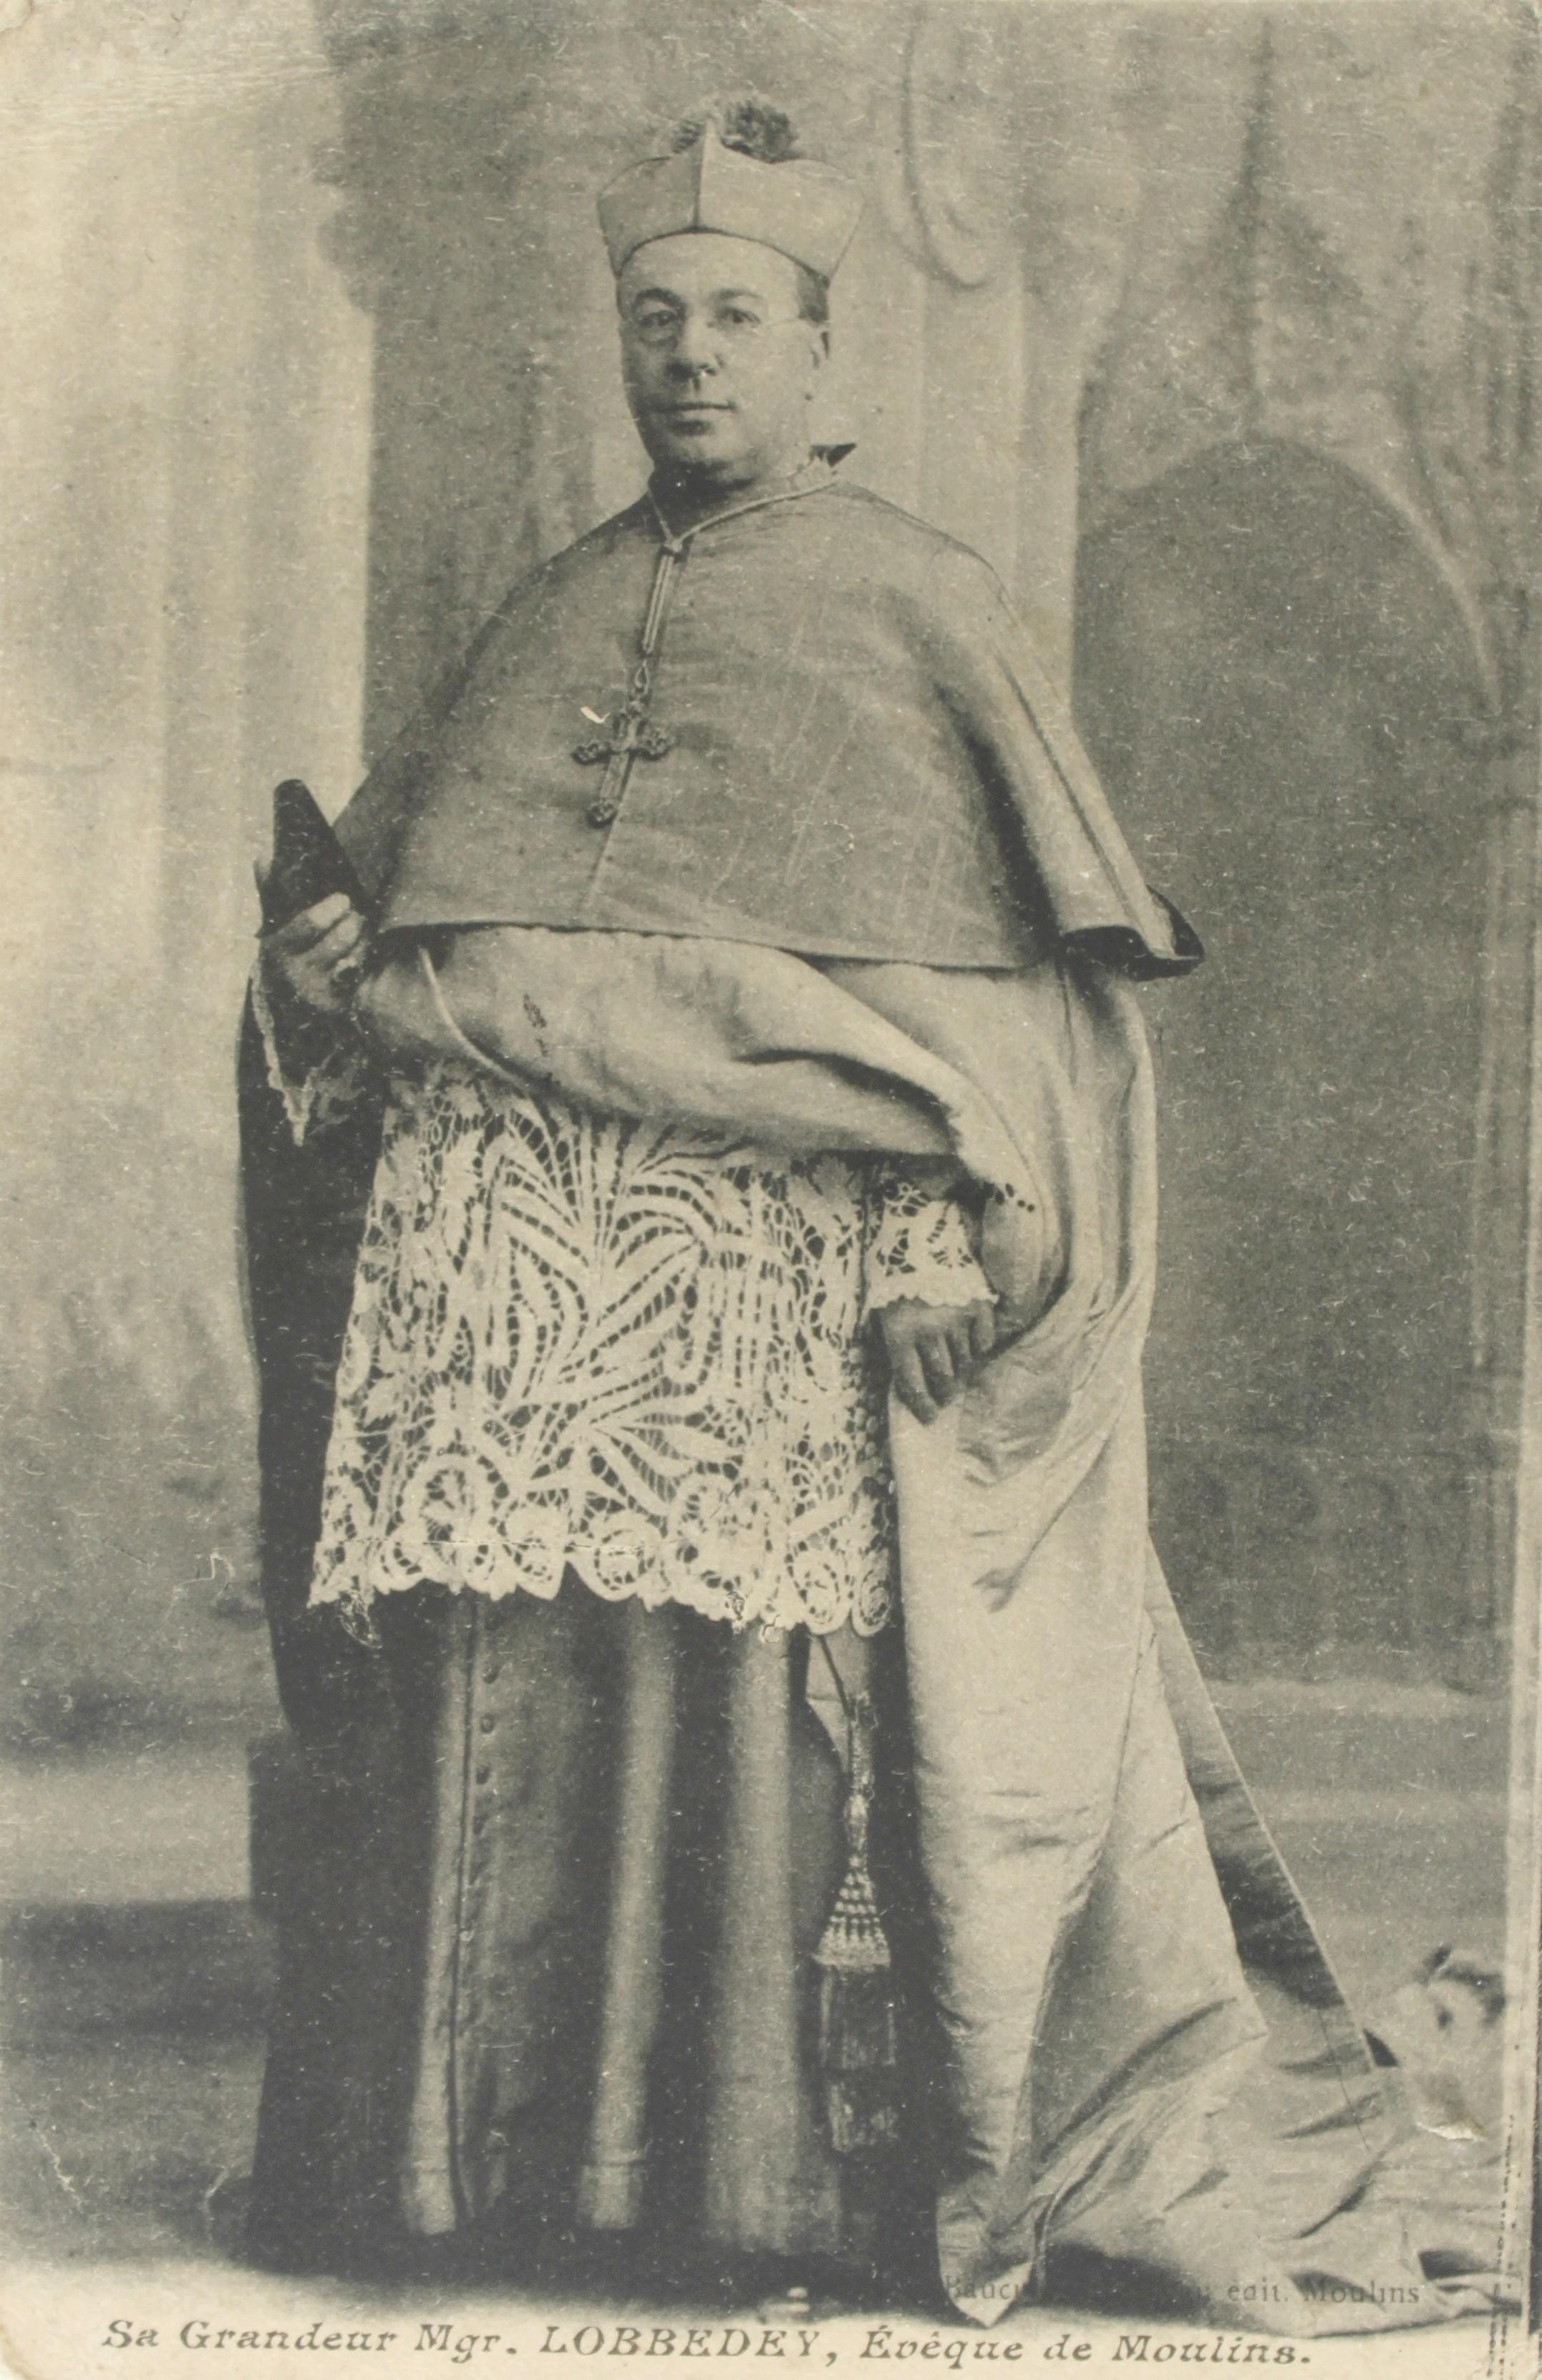 Cardinal LOBBEDEY2